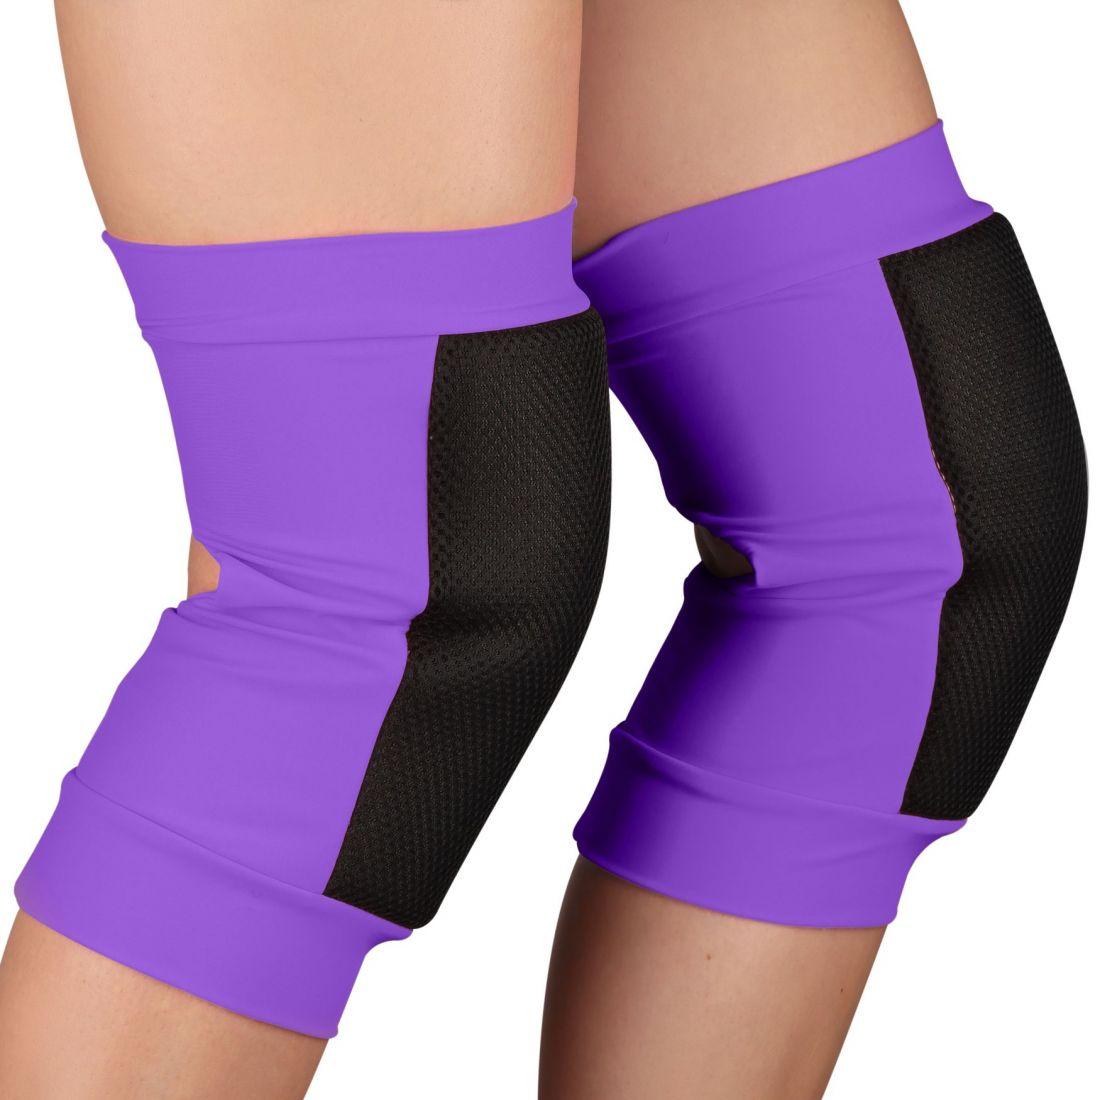 Наколенники для танцев и гимнастики INDIGO SANDRA SM-378 сетка фиолетовые